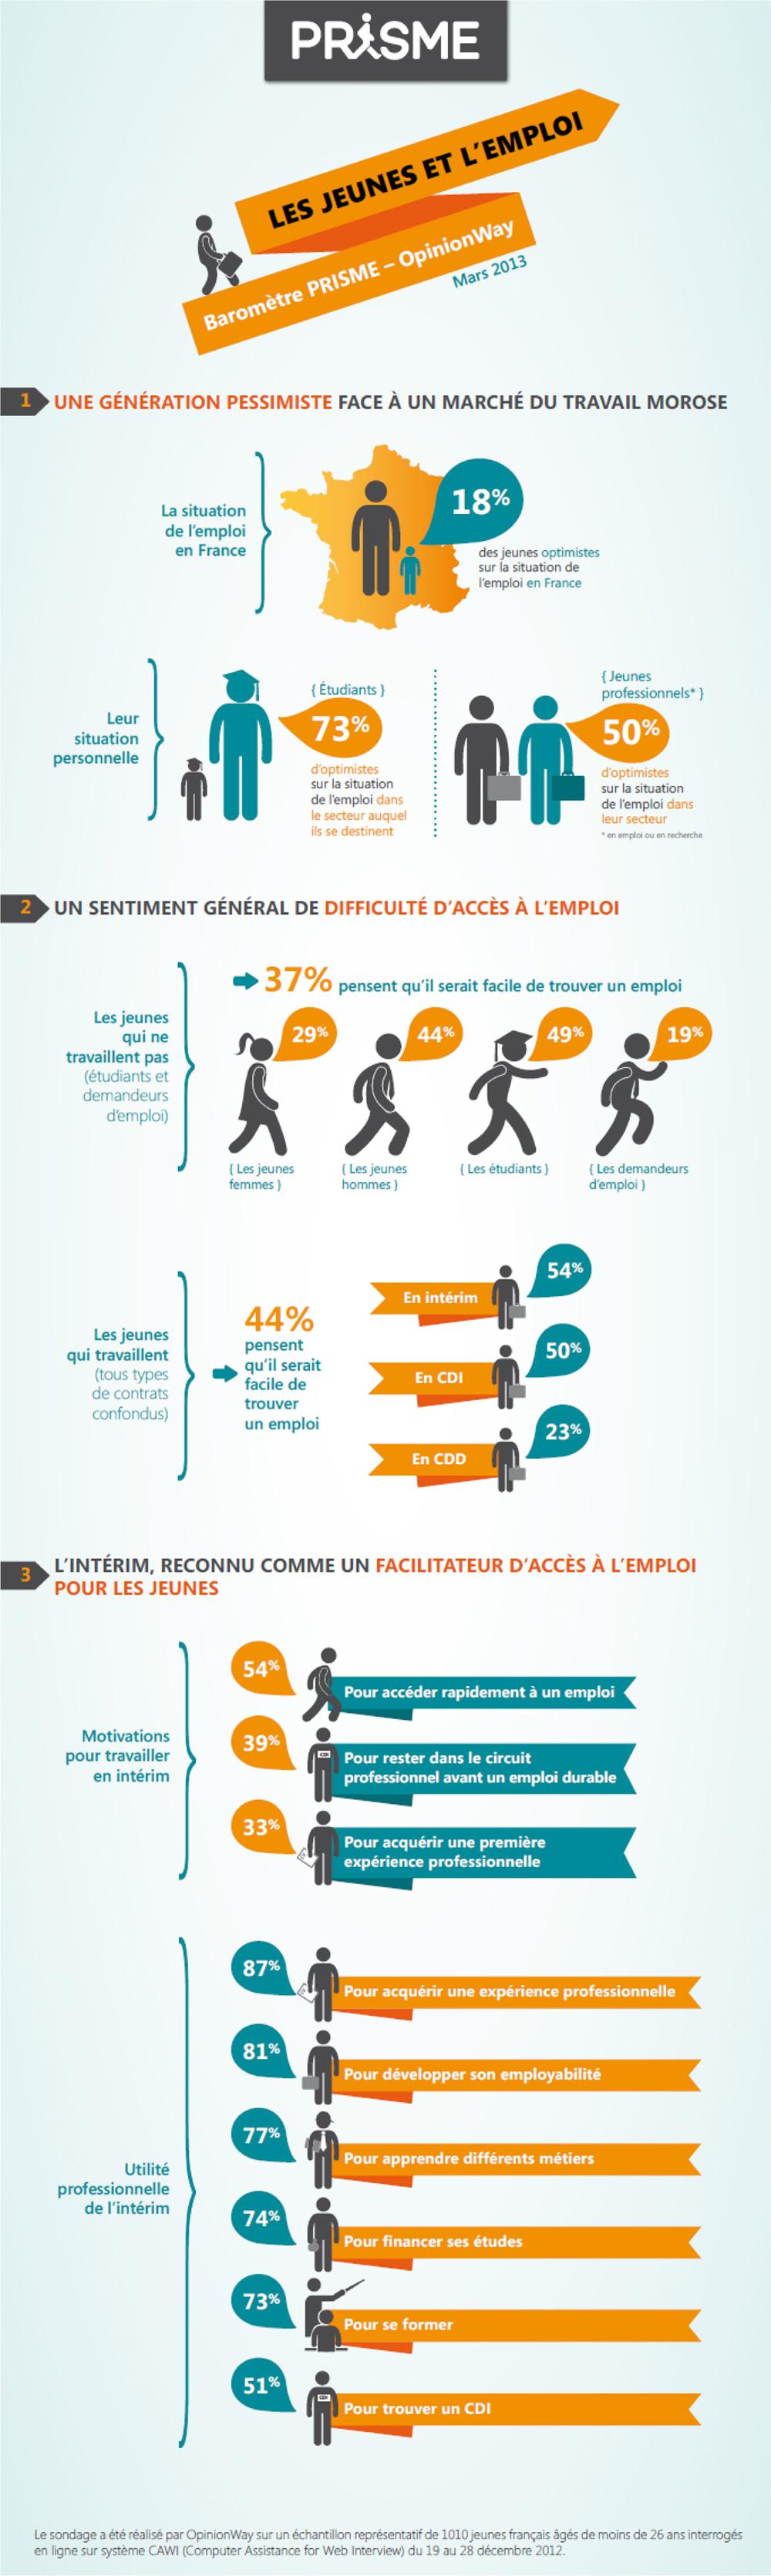 Infographie - Les jeunes et l'intérim